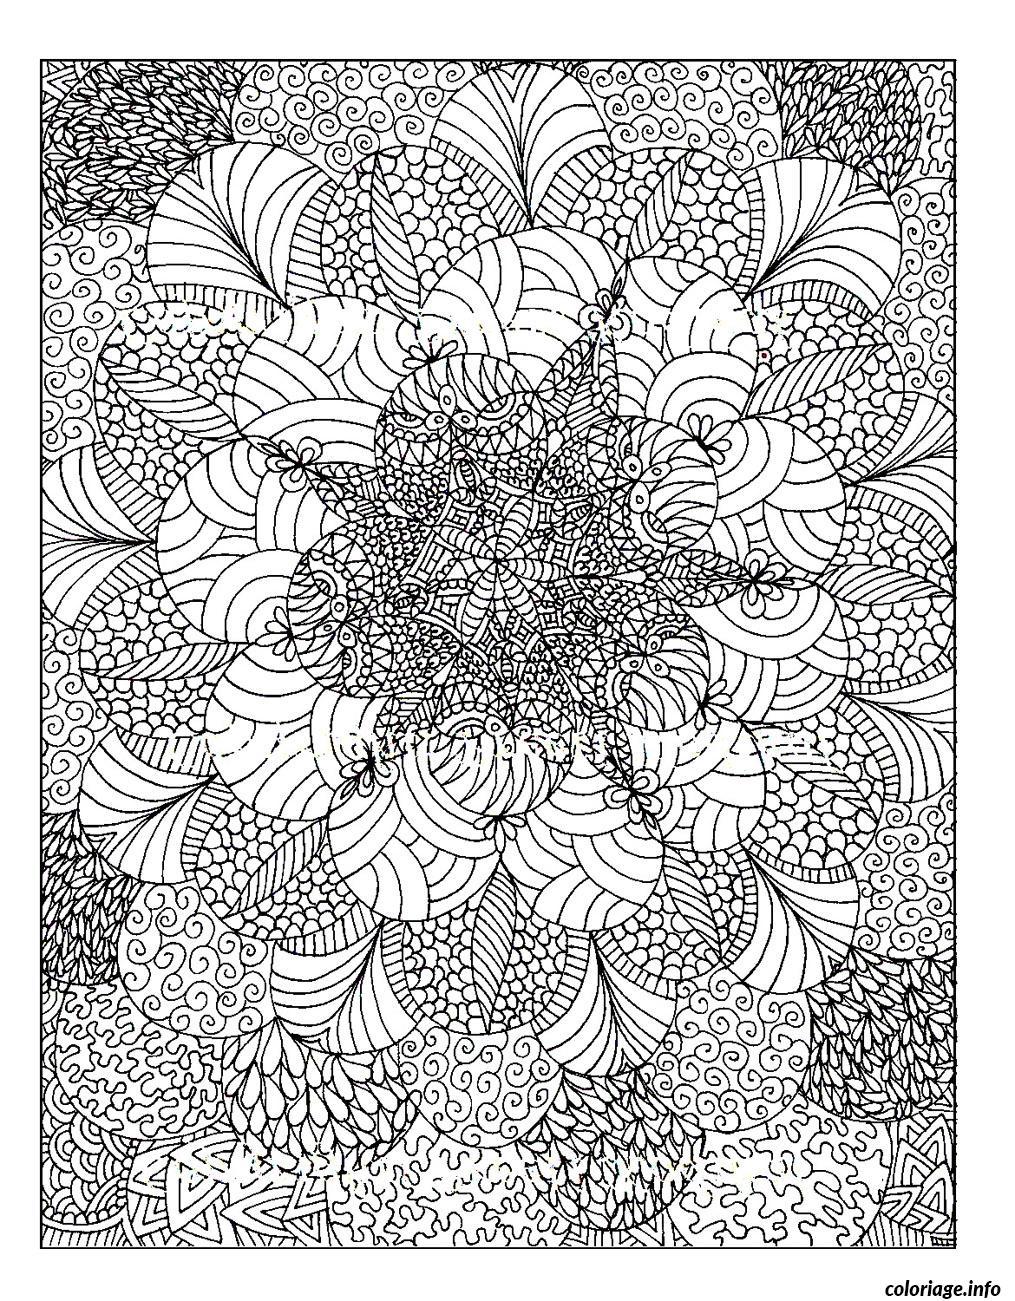 coloriage anti stress adulte 10 dessin imprimer - Coloriage Anti Stress En Ligne